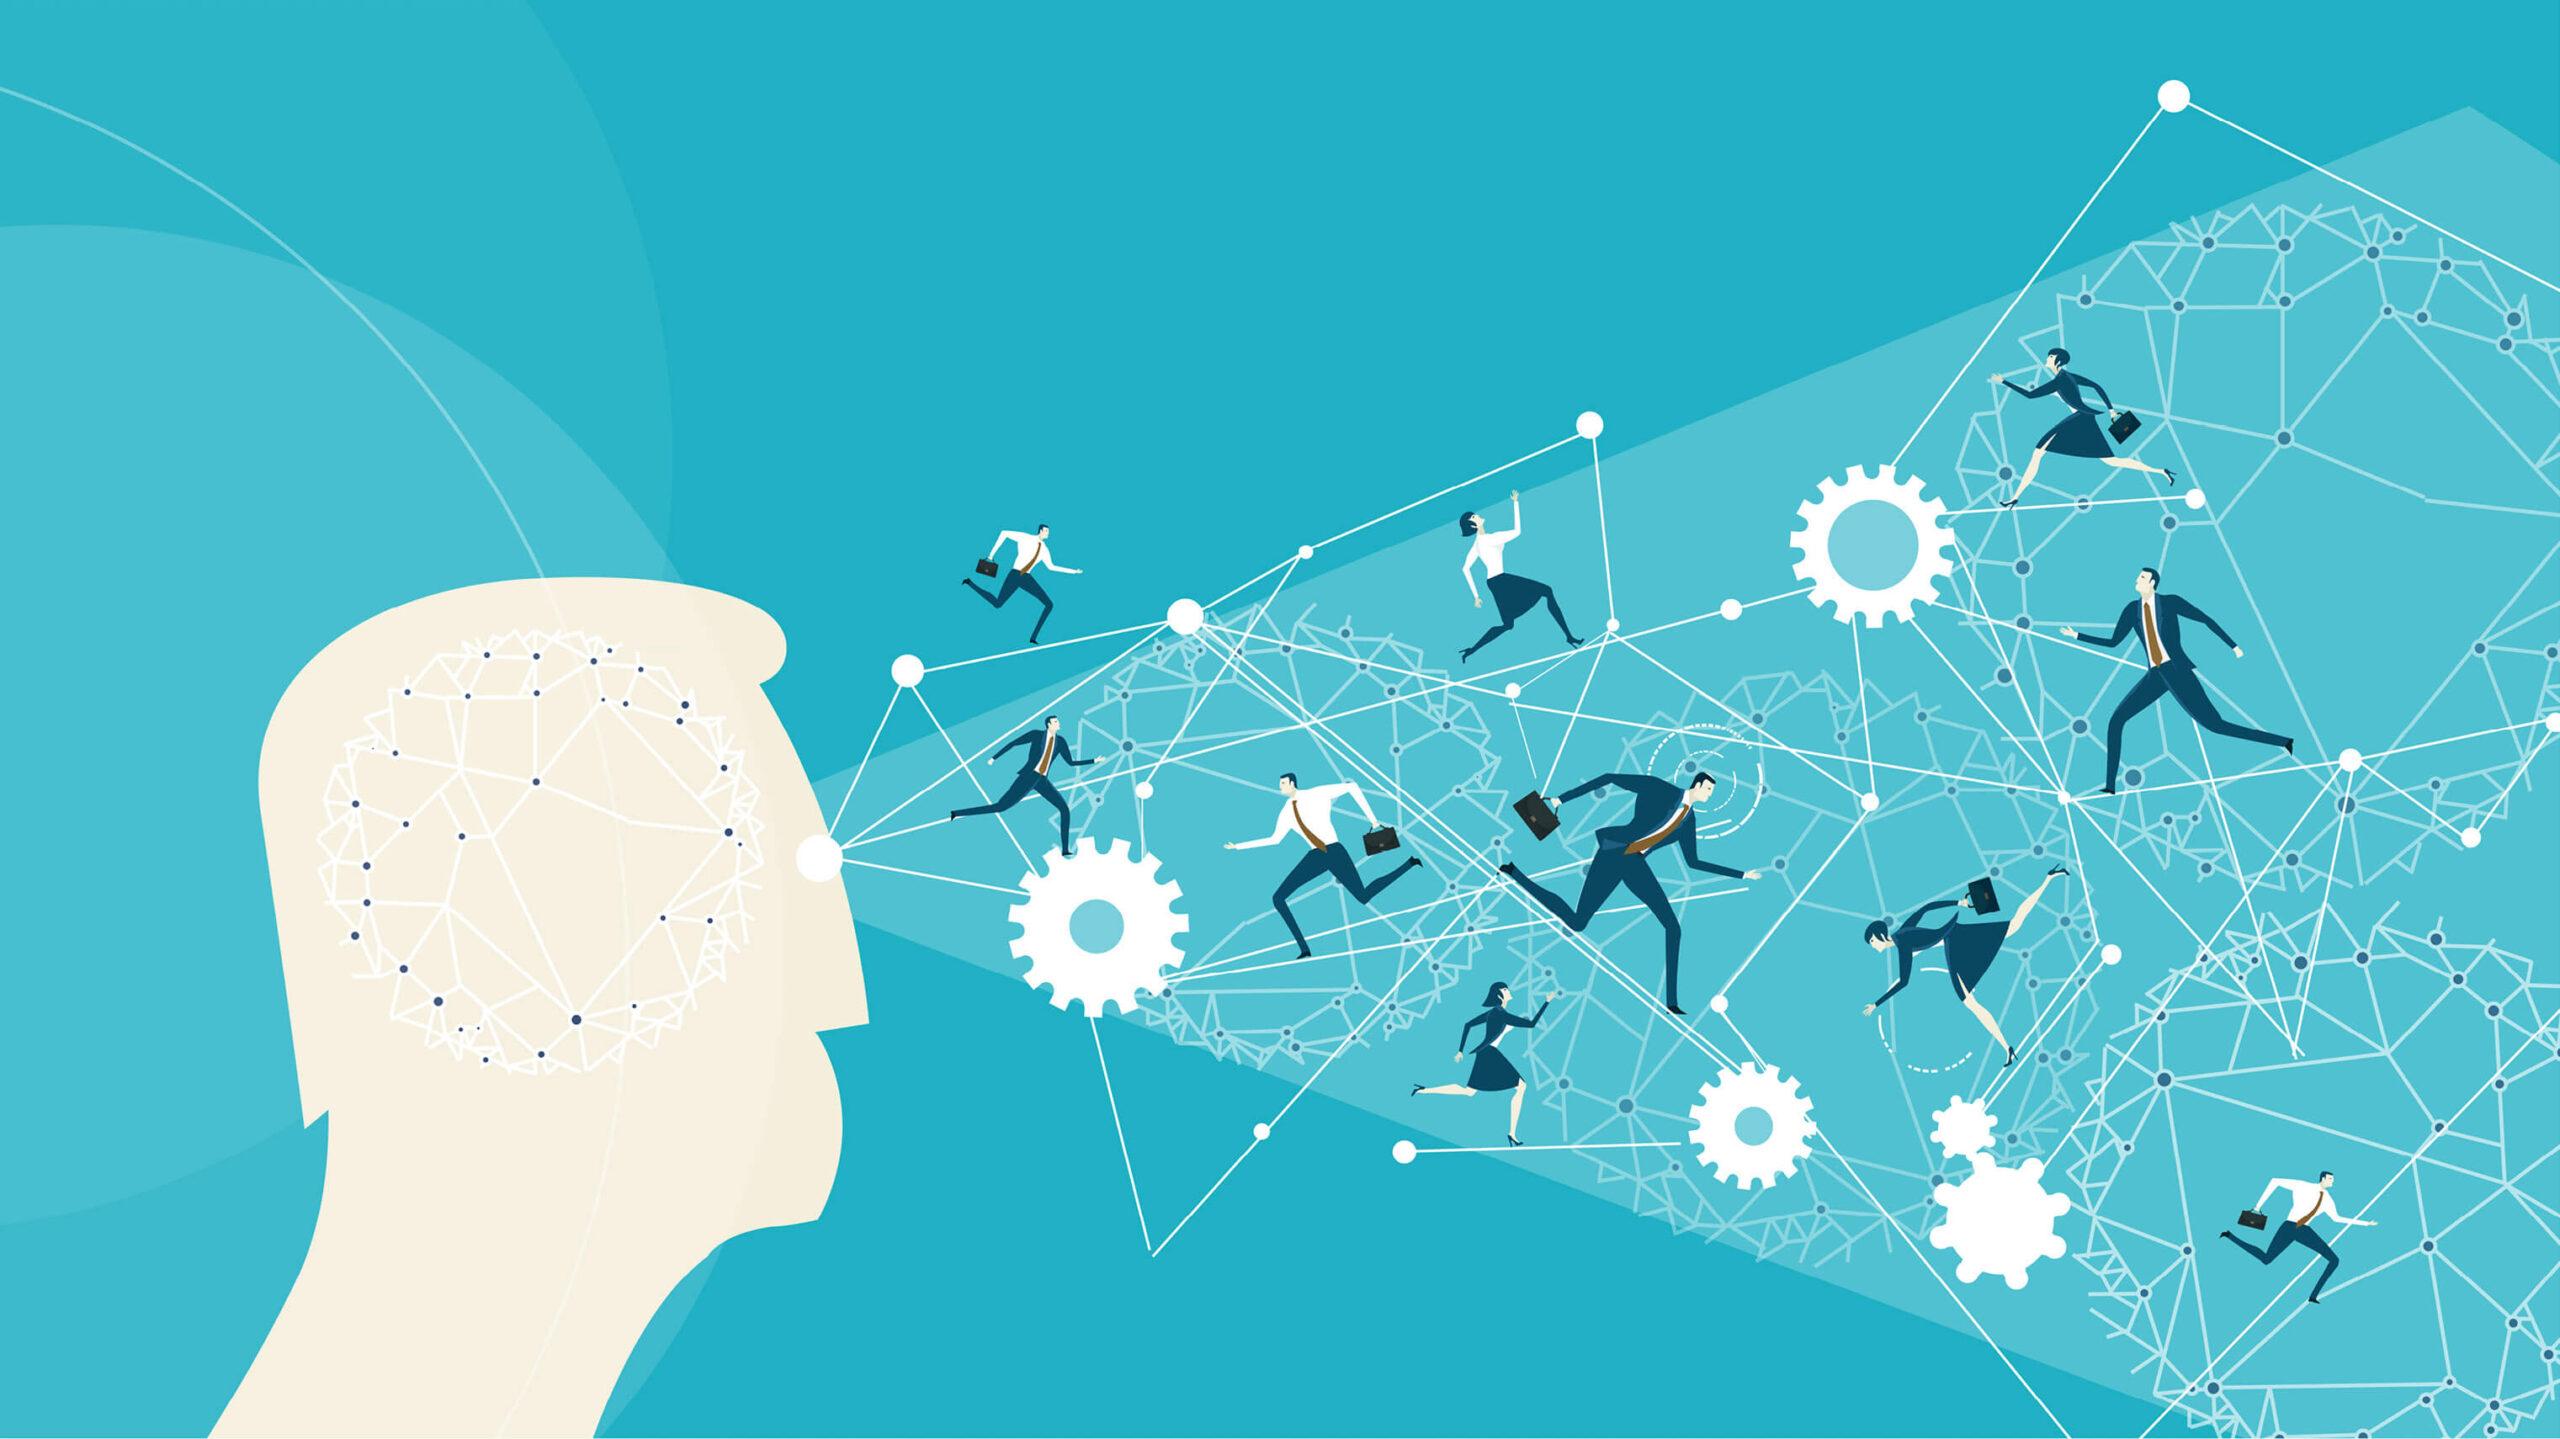 Utilizzo dei Big Data: protezione e trattamento dei dati personali